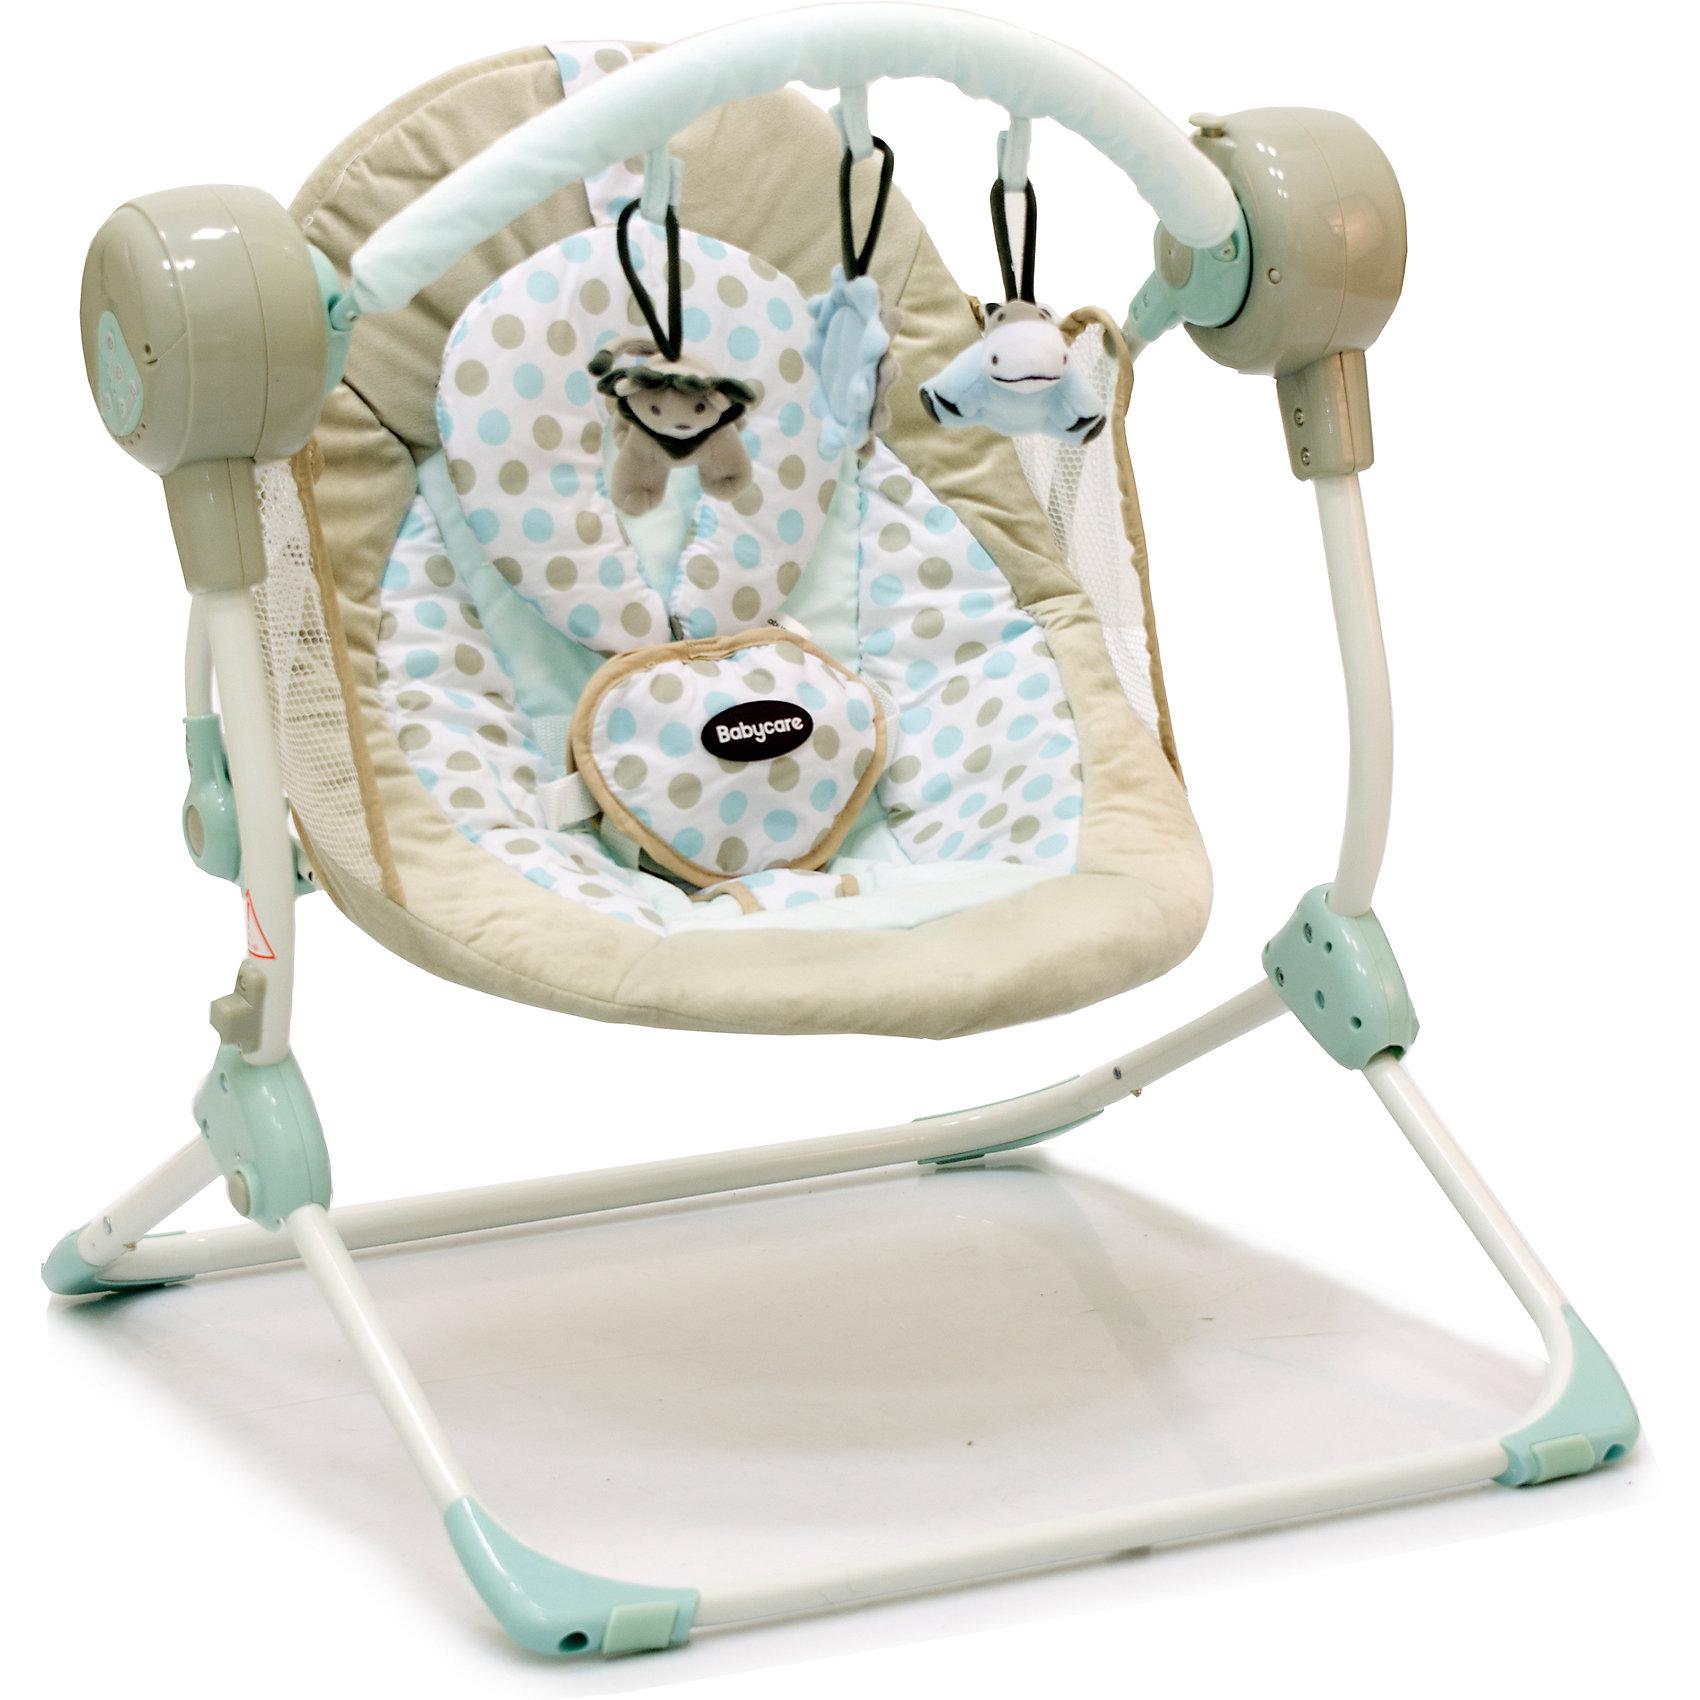 Кресло-качели Balancelle, Baby Care, кремовыйКресла-качалки<br>Характеристики кресла-качели Balancelle Baby Care:<br><br>• регулируется угол наклона спинки: 2 положения;<br>• предусмотрено 5 скоростей качания;<br>• музыкальный блок: 16 мелодий;<br>• регулятор громкости;<br>• таймер, 10,15,30 минут, автоматическое отключение;<br>• наличие 5-ти точечных ремней безопасности, мягкий паховый ограничитель;<br>• съемная дуга с подвесными игрушками;<br>• чехол кресла-качели можно снять и постирать при температуре 30 градусов;<br>• материал: алюминий, пластик, полиэстер, резиновые накладки на опорной конструкции;<br>• компактность в сложенном виде.<br><br>Размер в разложенном виде: 50х61х60 см<br>Размер сидения: 48х68 см<br>Вес: 3,2 кг<br>Допустимый вес ребенка: до 12 кг, возраст - до 8 месяцев.<br><br>Кресло-качели Baby Care Balancelle с вибро-музыкальным блоком устанавливается ровную поверхность. Для безопасности ребенка предусмотрены ремни безопасности. Во время пребывания в креслице, малыш изучает и рассматривает мягкие подвесные игрушки.<br><br>Комплектация:<br><br>• кресло-качели Balancelle;<br>• вибро-музыкальный блок;<br>• дуга с подвесными игрушками;<br>• съемная подушечка-подголовник, крепится на липучке;<br>• сетевой адаптер;<br>• инструкция.<br><br>Кресло-качели Balancelle, Baby Care, кремовый можно купить в нашем интернет-магазине.<br><br>Ширина мм: 620<br>Глубина мм: 470<br>Высота мм: 370<br>Вес г: 10800<br>Возраст от месяцев: 0<br>Возраст до месяцев: 8<br>Пол: Унисекс<br>Возраст: Детский<br>SKU: 4028902